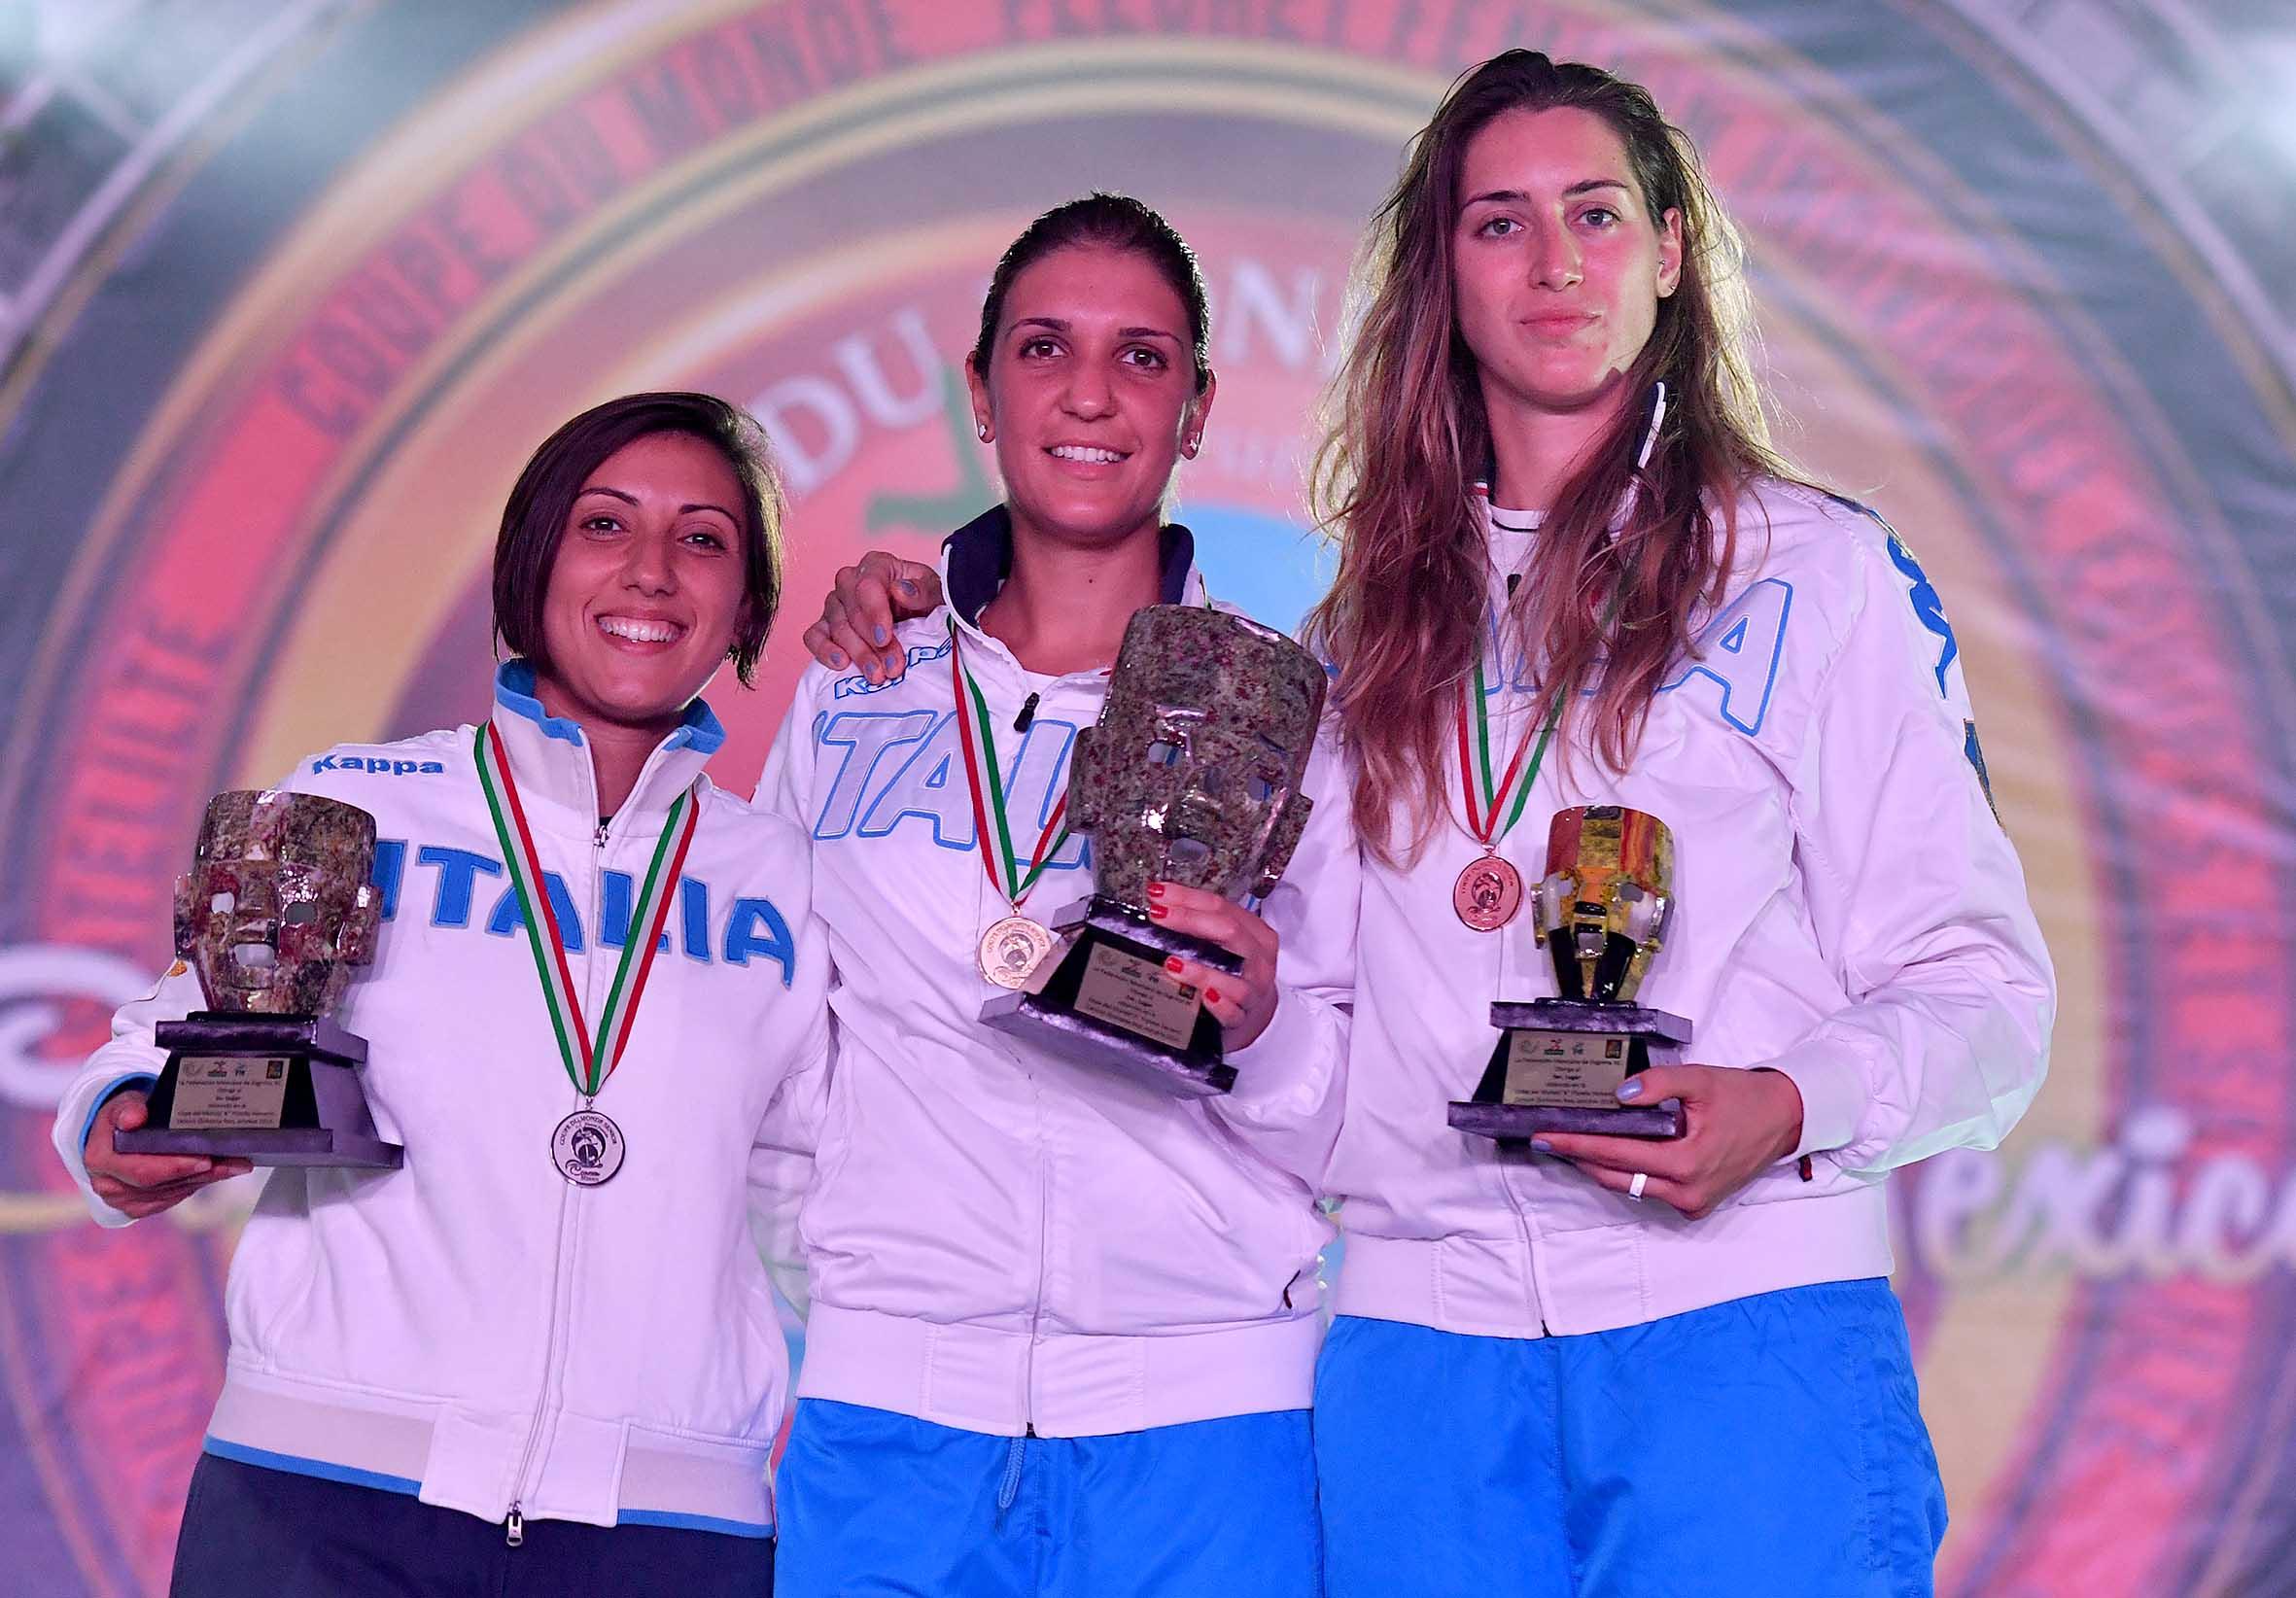 Scherma: le azzurre del fioretto oro in Coppa del Mondo a Cancun